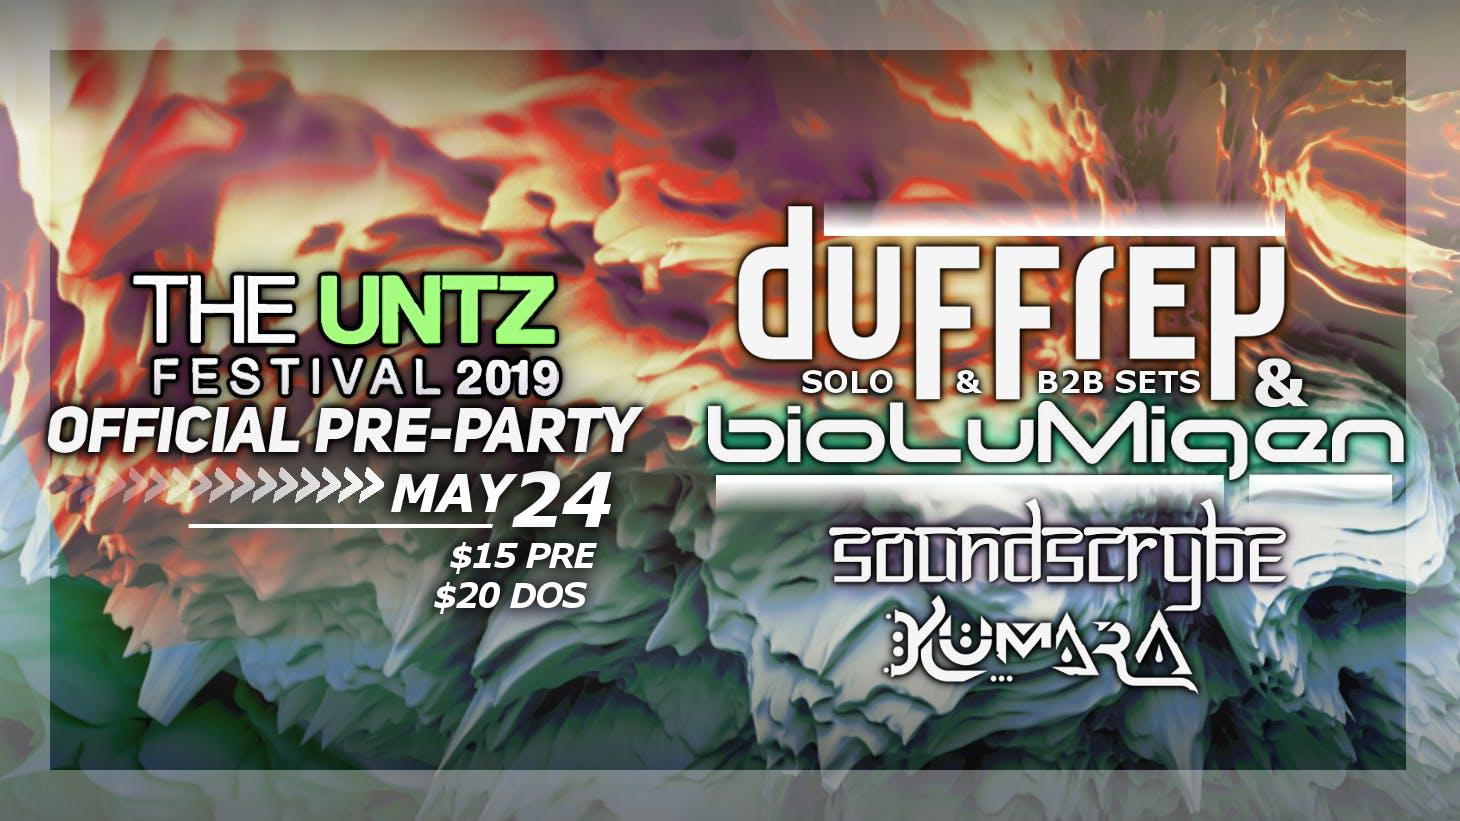 The Untz Festival 2019 Official Pre-Party: Duffrey & bioLuMigen